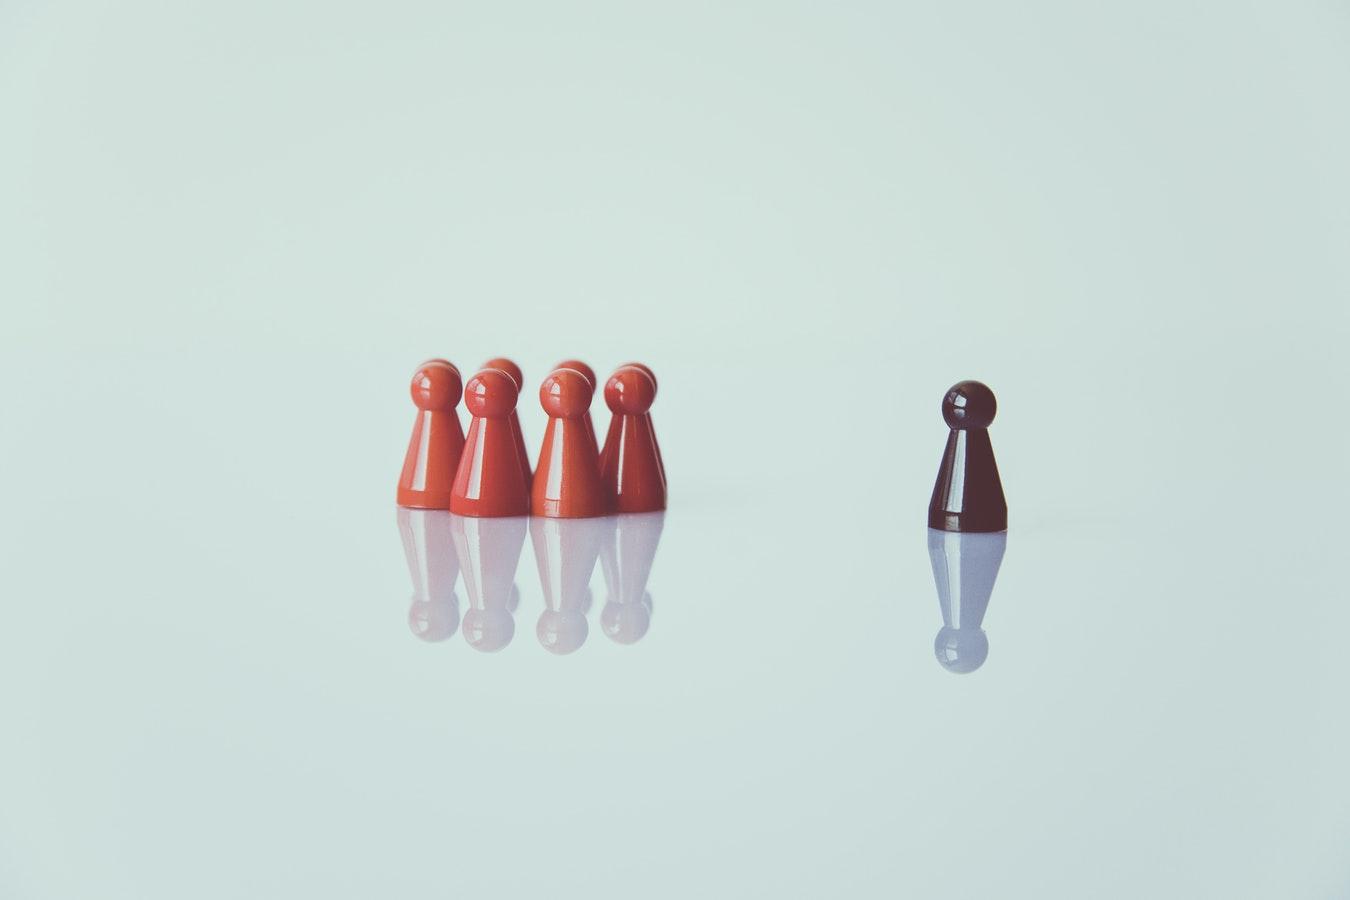 2019-Self-Assessment-vs-360-Assessment-blog-image